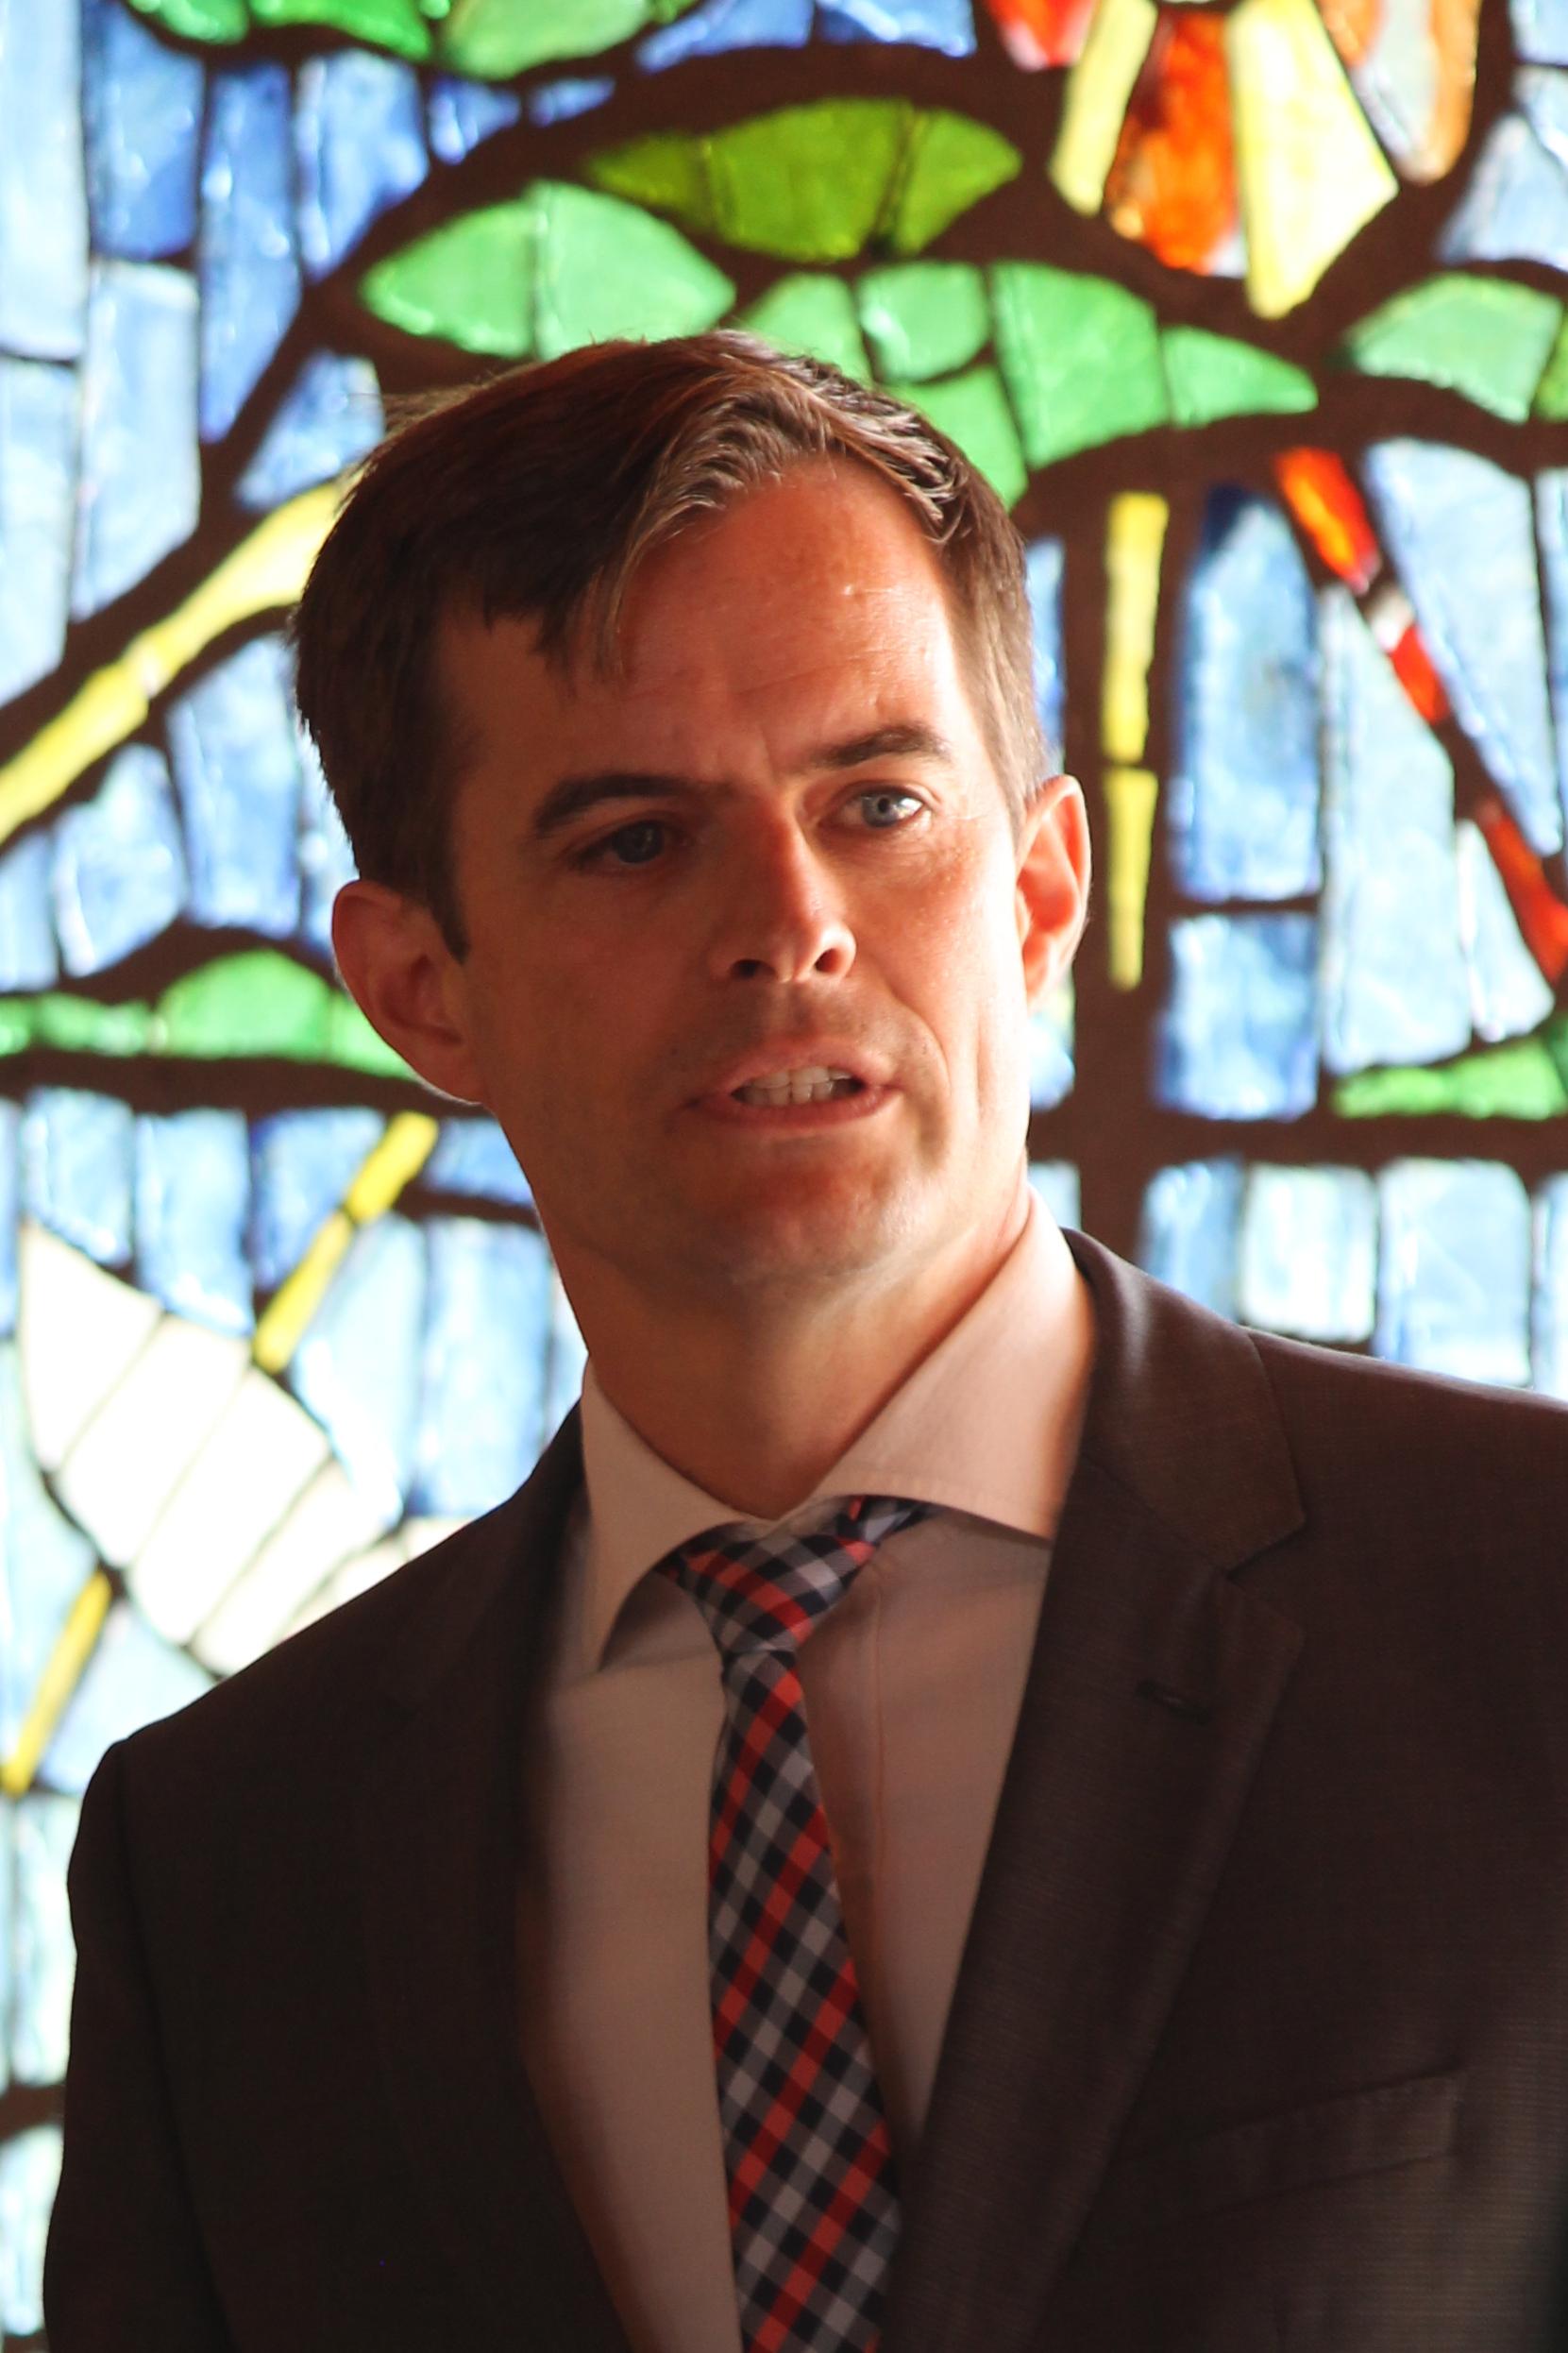 Grußwort von Herr Thomas Wimmer, Vize-Botschafter, Deutsche Botschaft in Nairobi